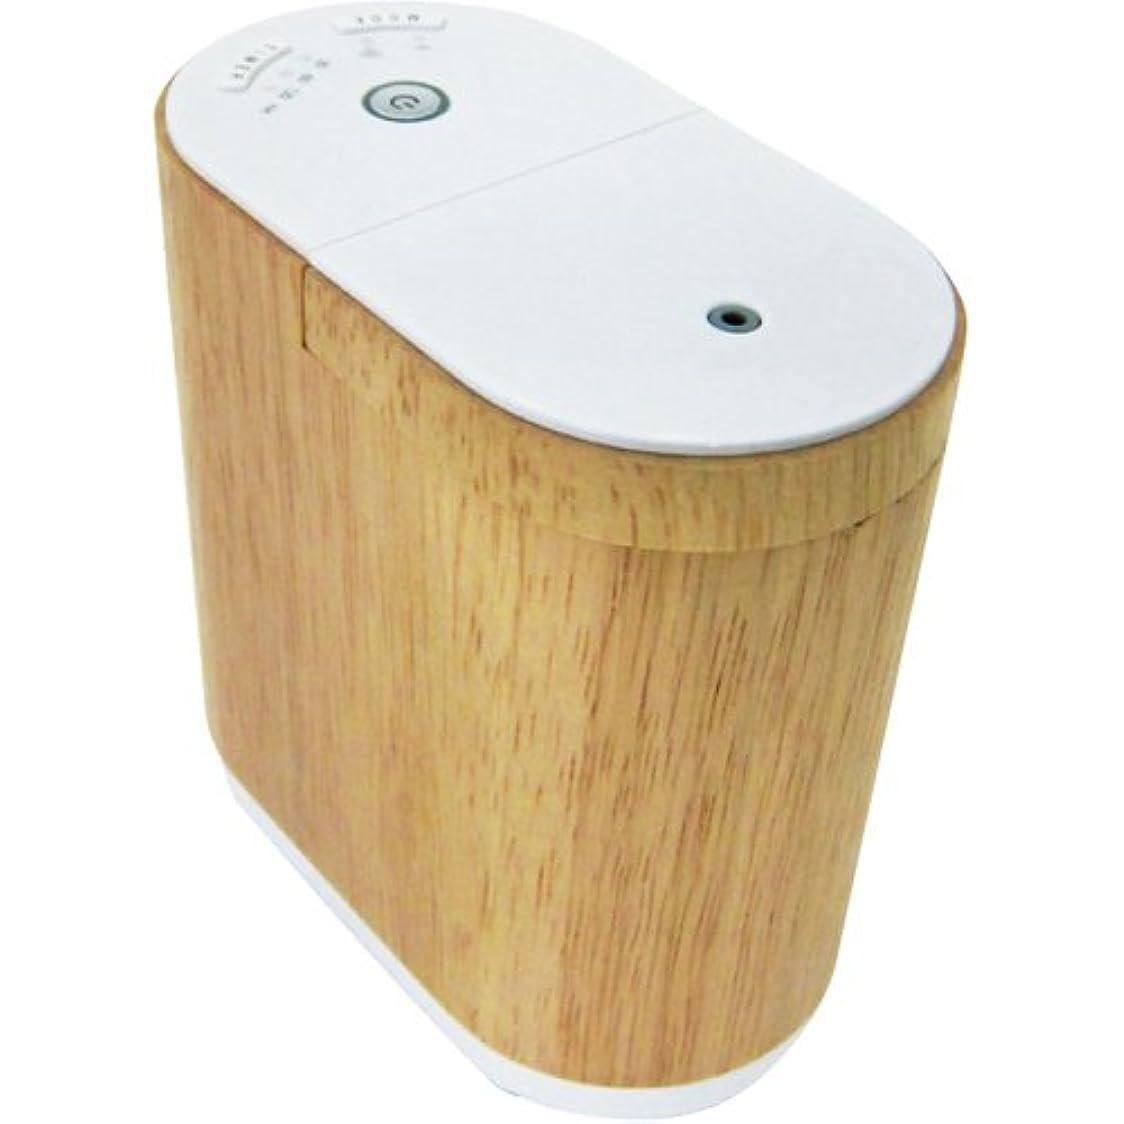 のためシャイニング系統的生活の木 アロマディフューザー(ウッド)エッセンシャルオイルディフューザー aromore(アロモア) 08-801-6010